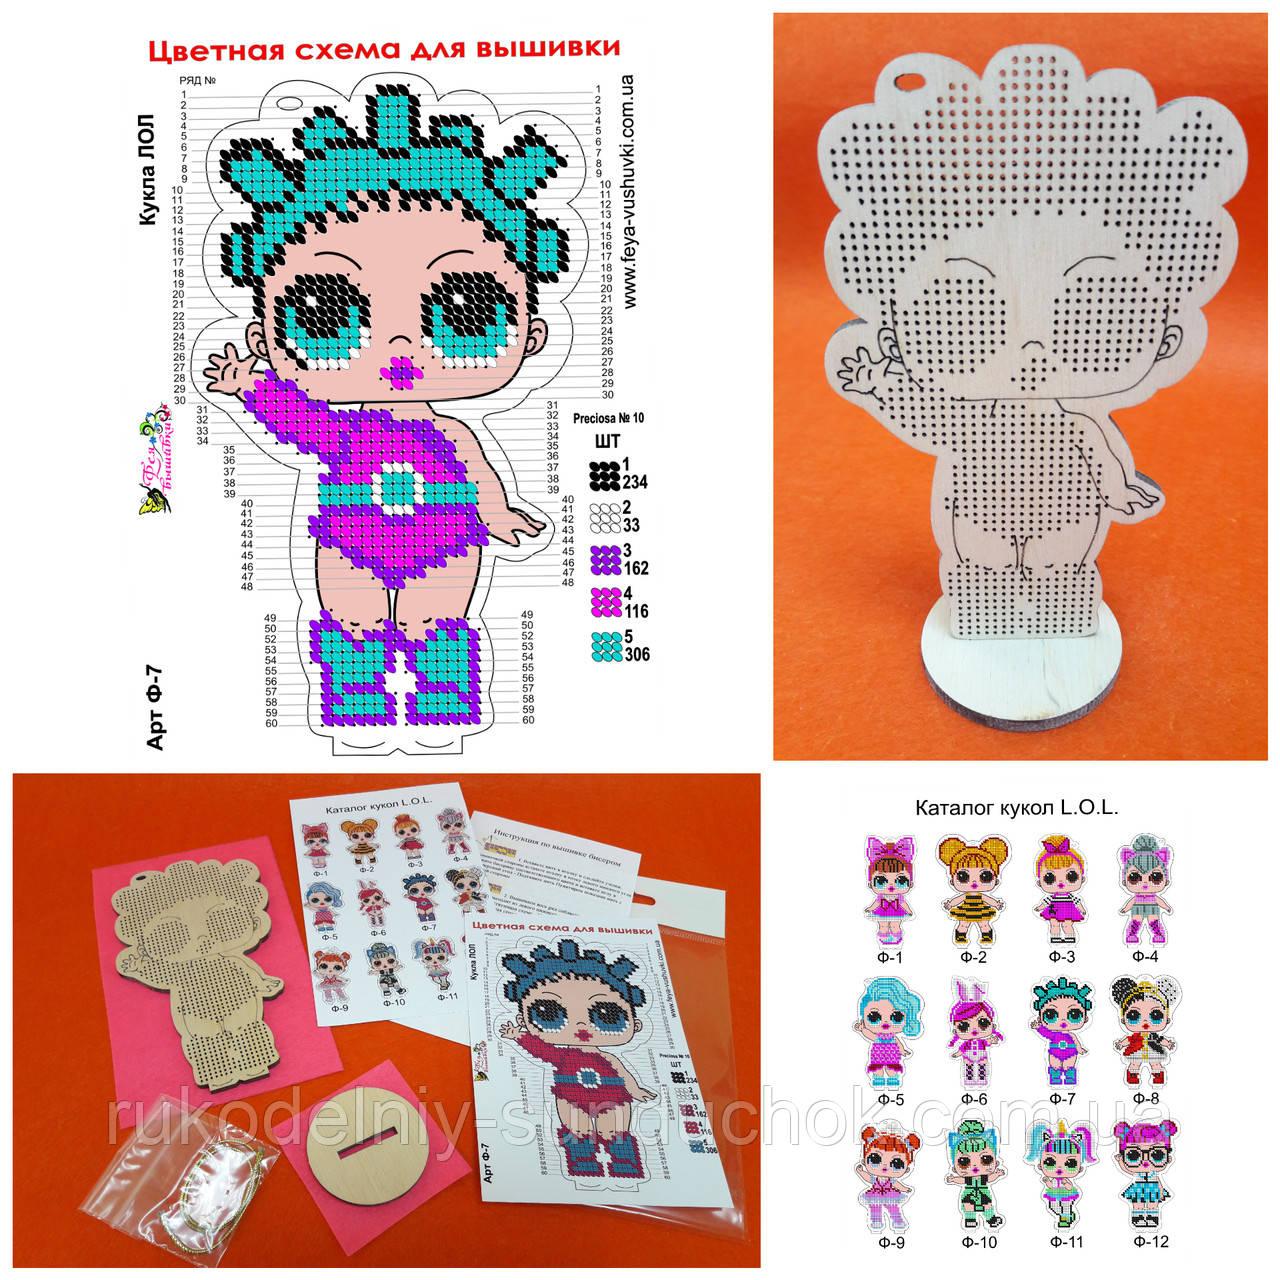 заготовка для творчества из фанеры тм фея вышивки кукла L O L ф 7 продажа наборы для вышивания от рукодельный сундучок чп чайковская